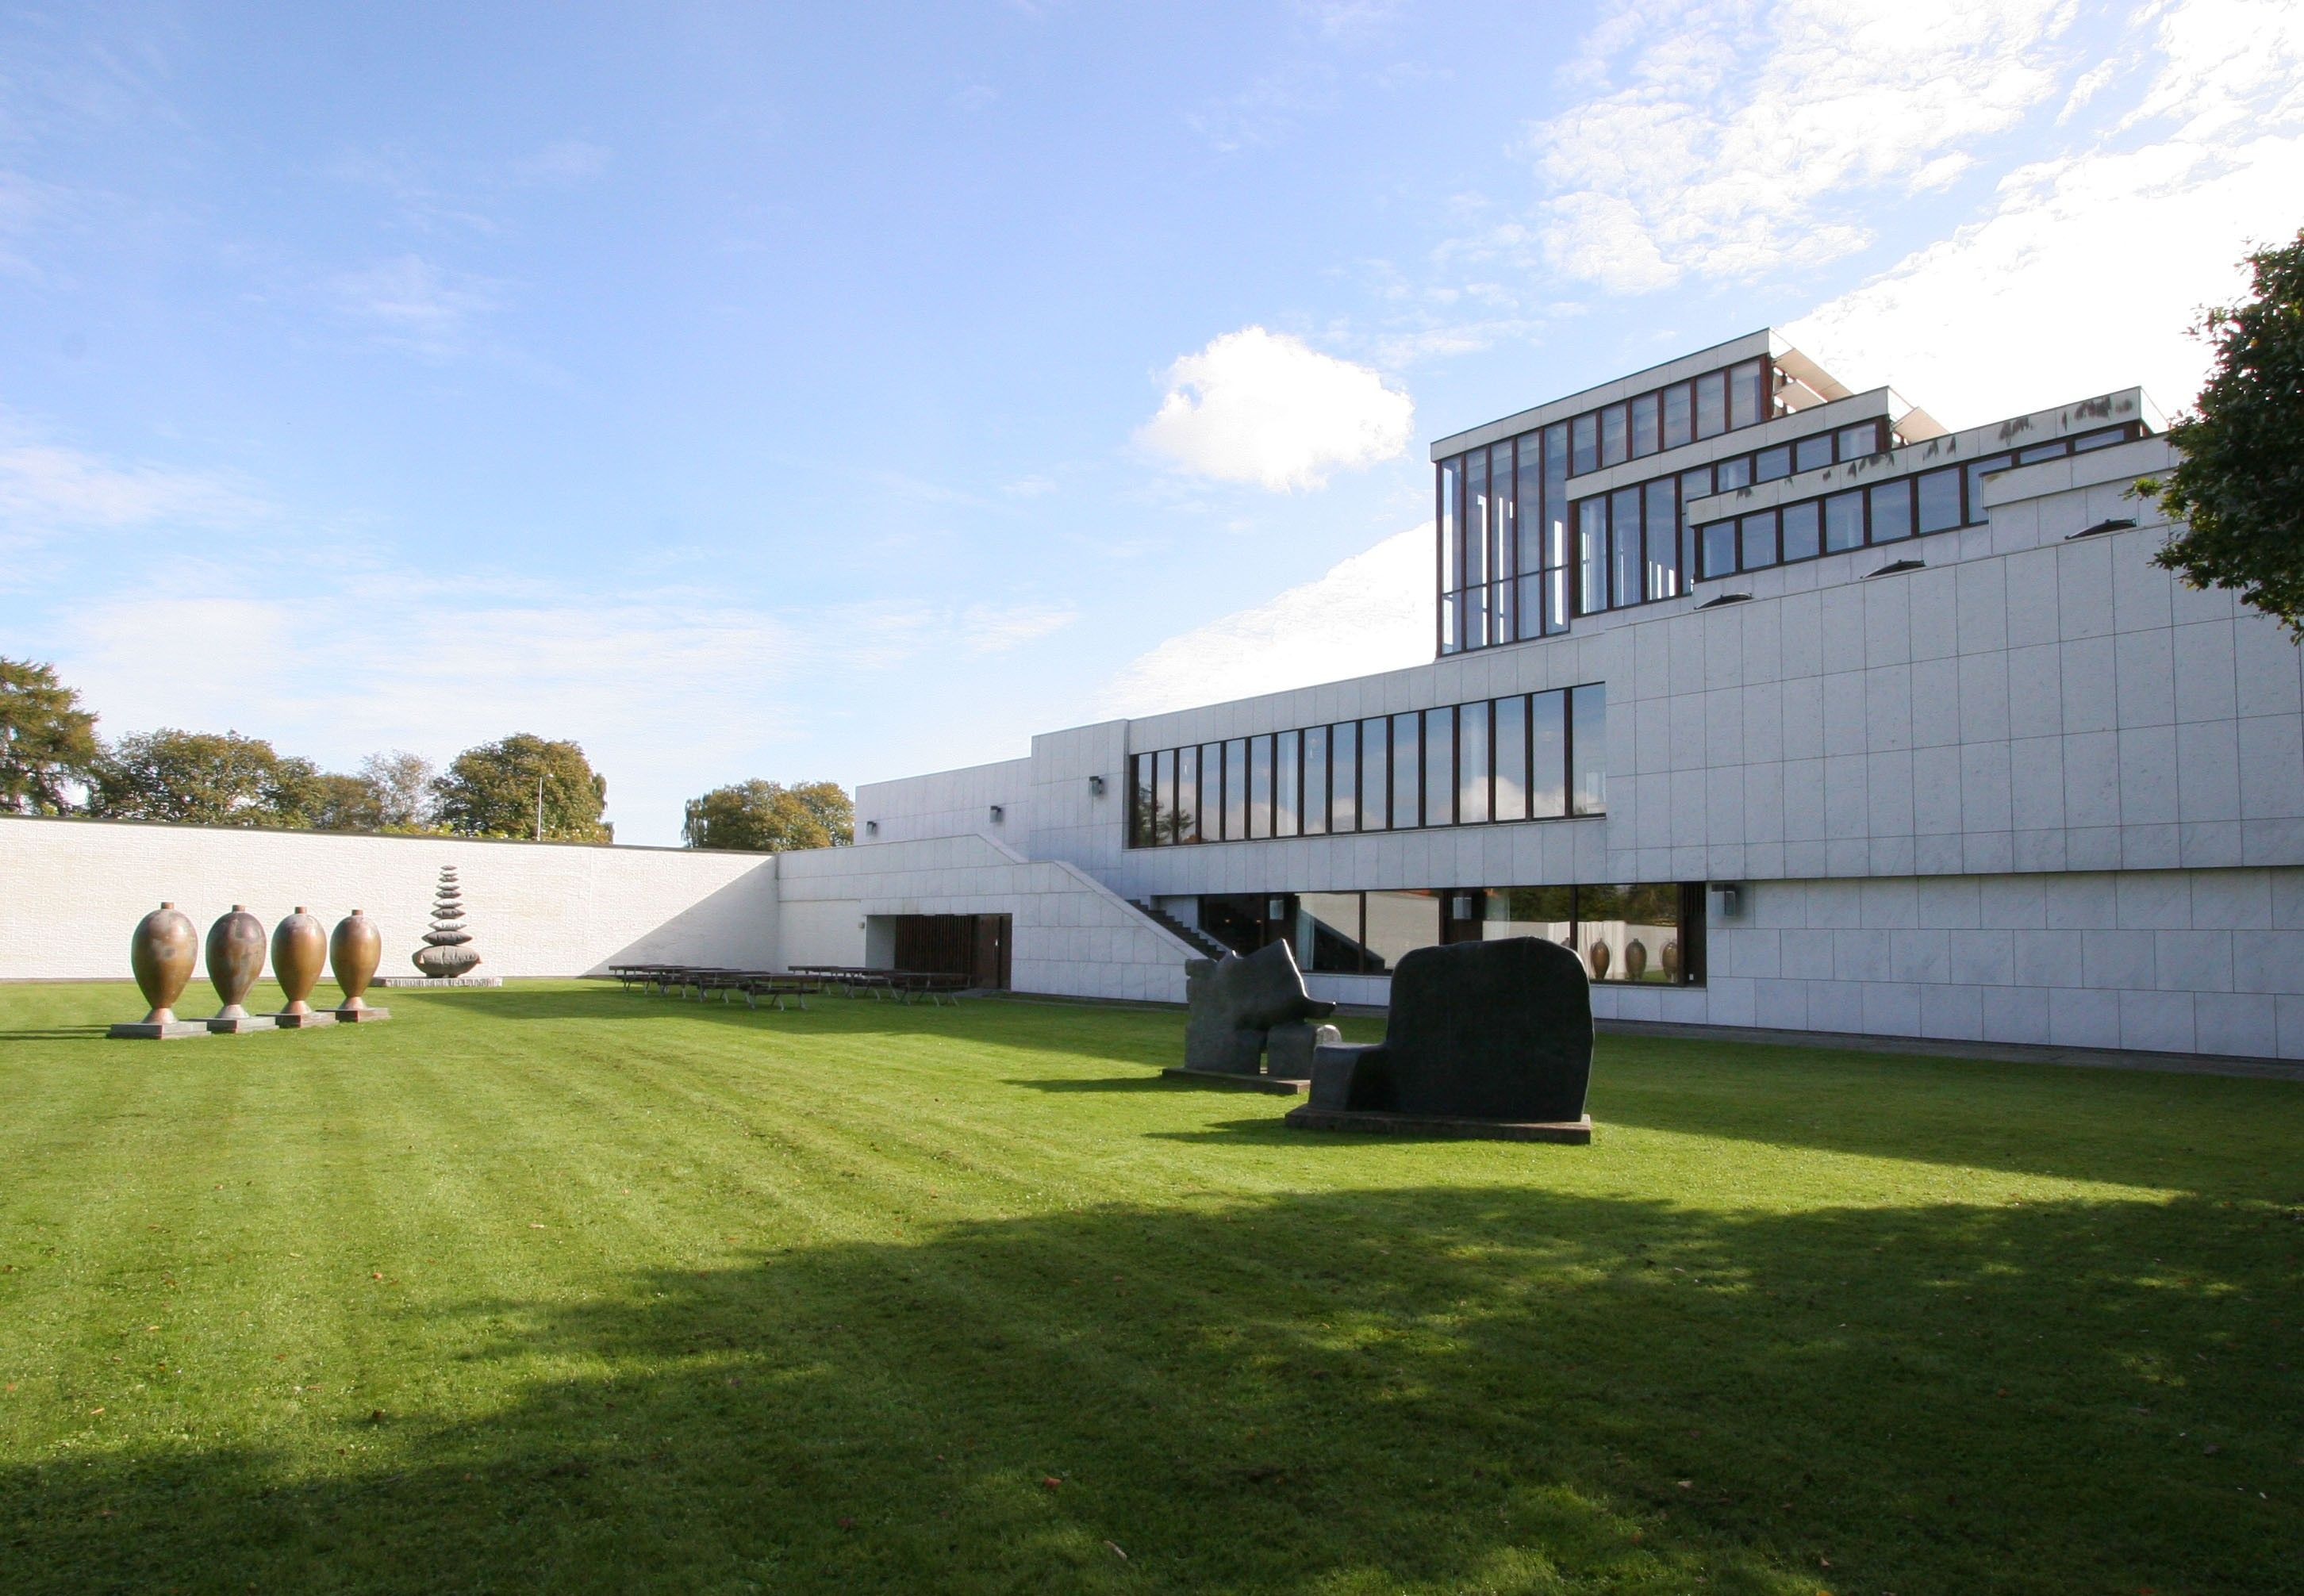 Modern Architecture Origin alvar aalto - kunsten museum of modern art aalborg (dänemark